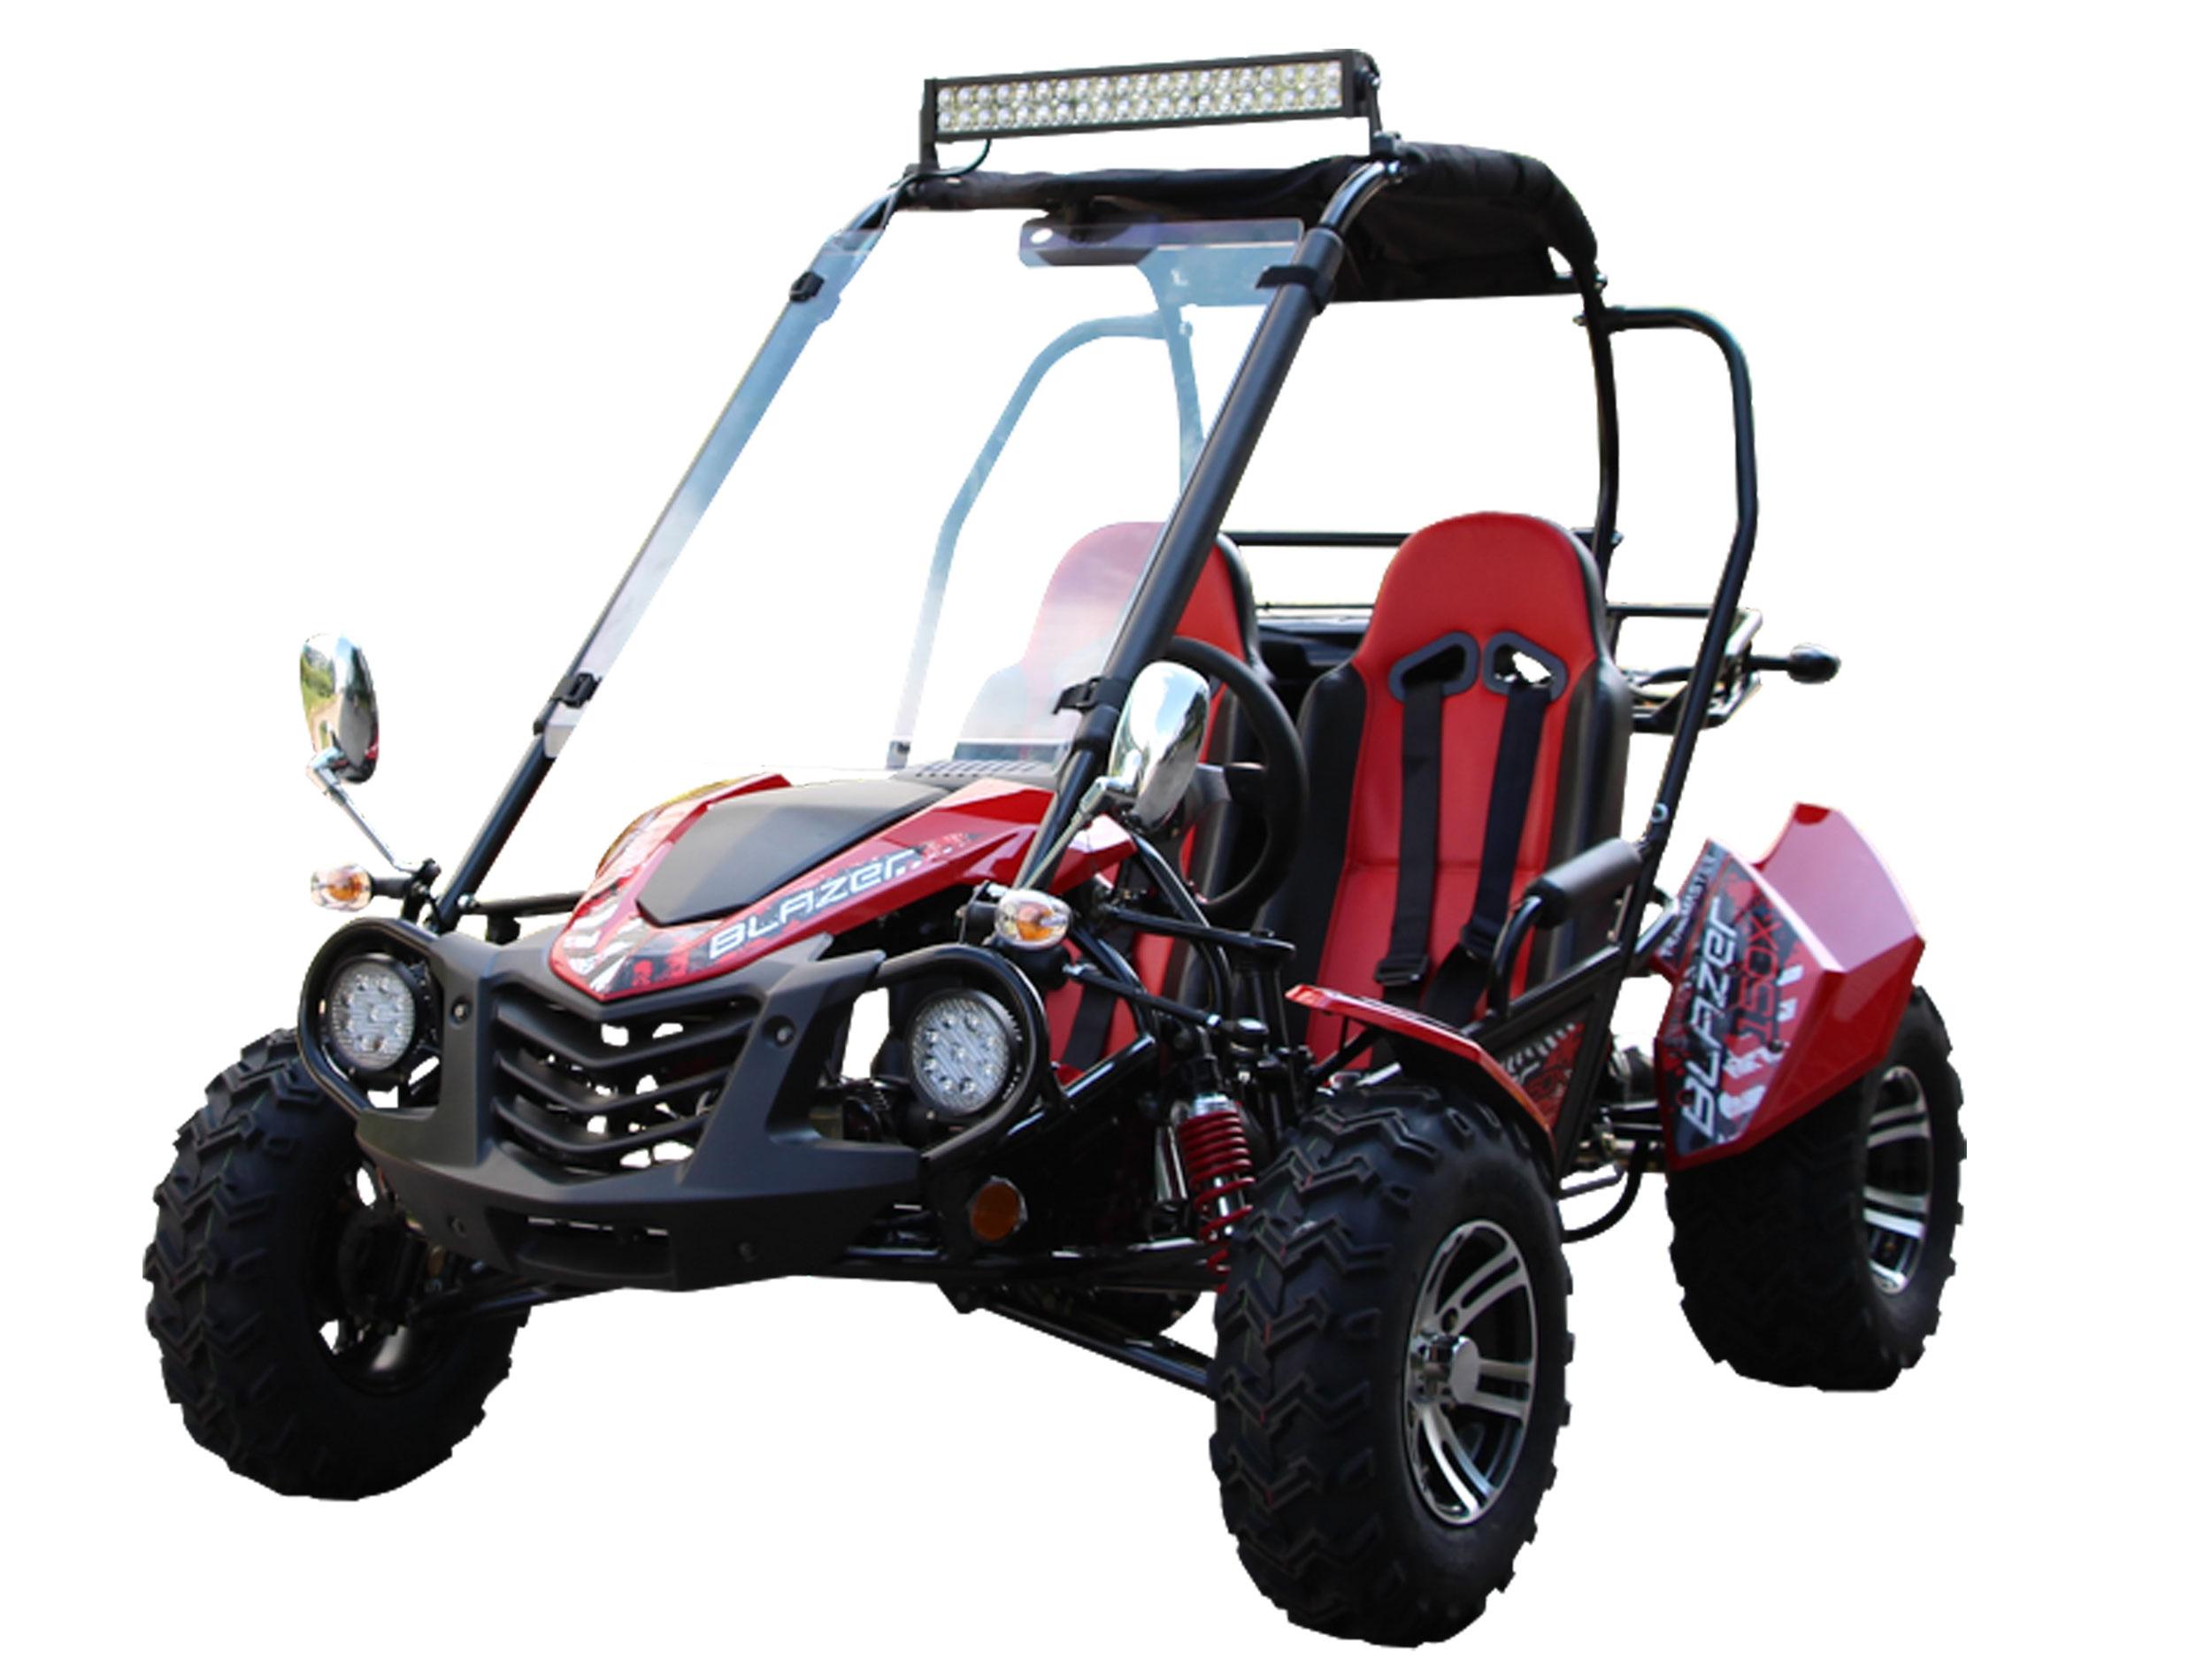 Trailmaster Blazer 150 X (Two Seat Go Kart) | Blazer150X | BMI Karts ...